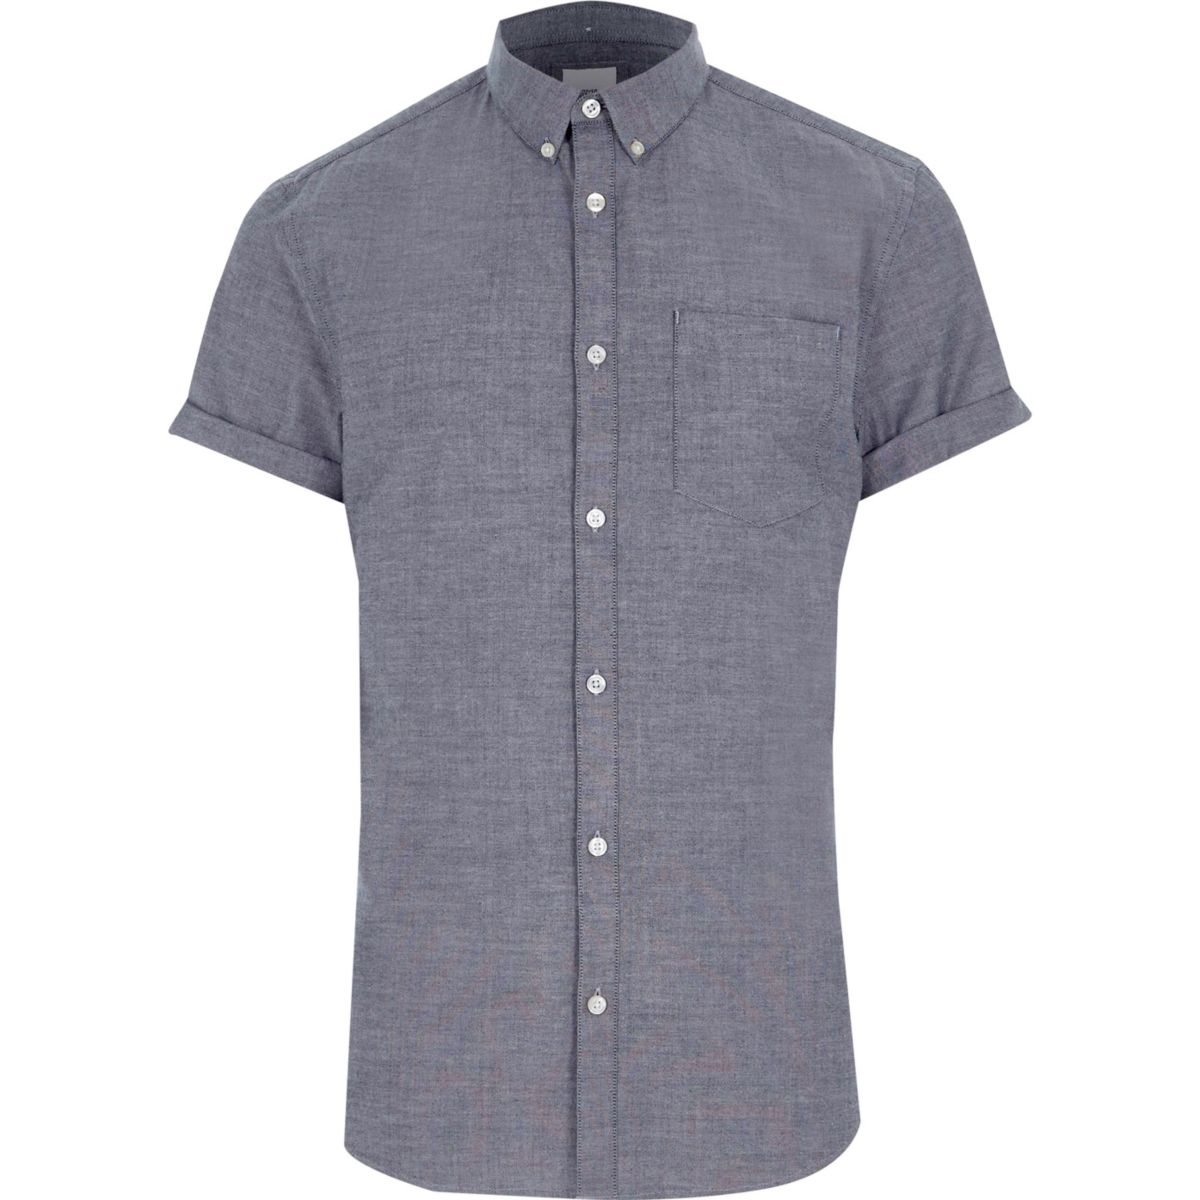 Chemise Oxford ajustée grise à manches courtes